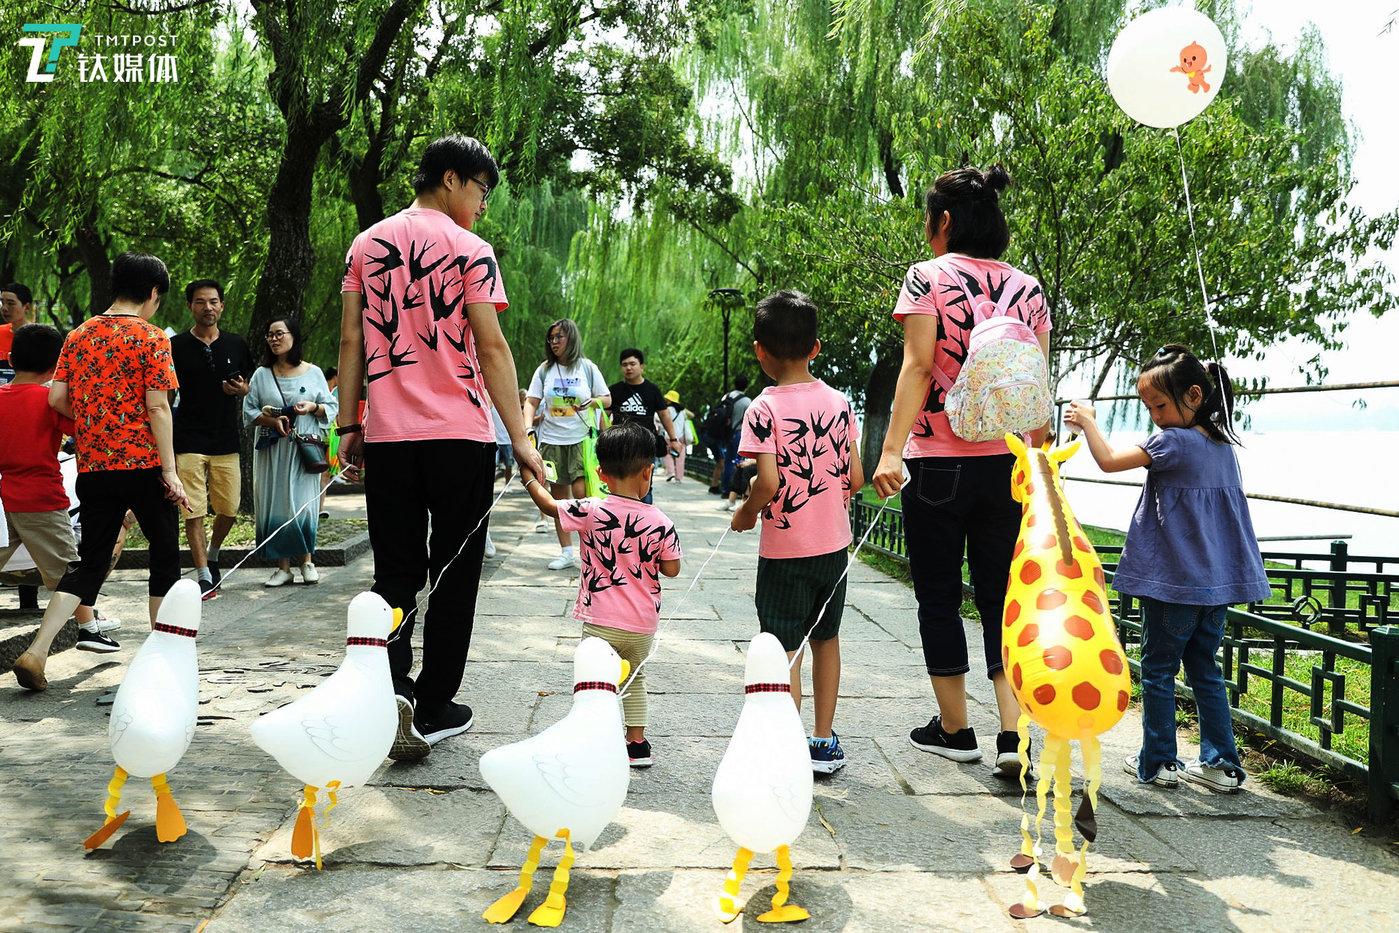 领一只鸭子、长颈鹿散步气球回去喂养吧。